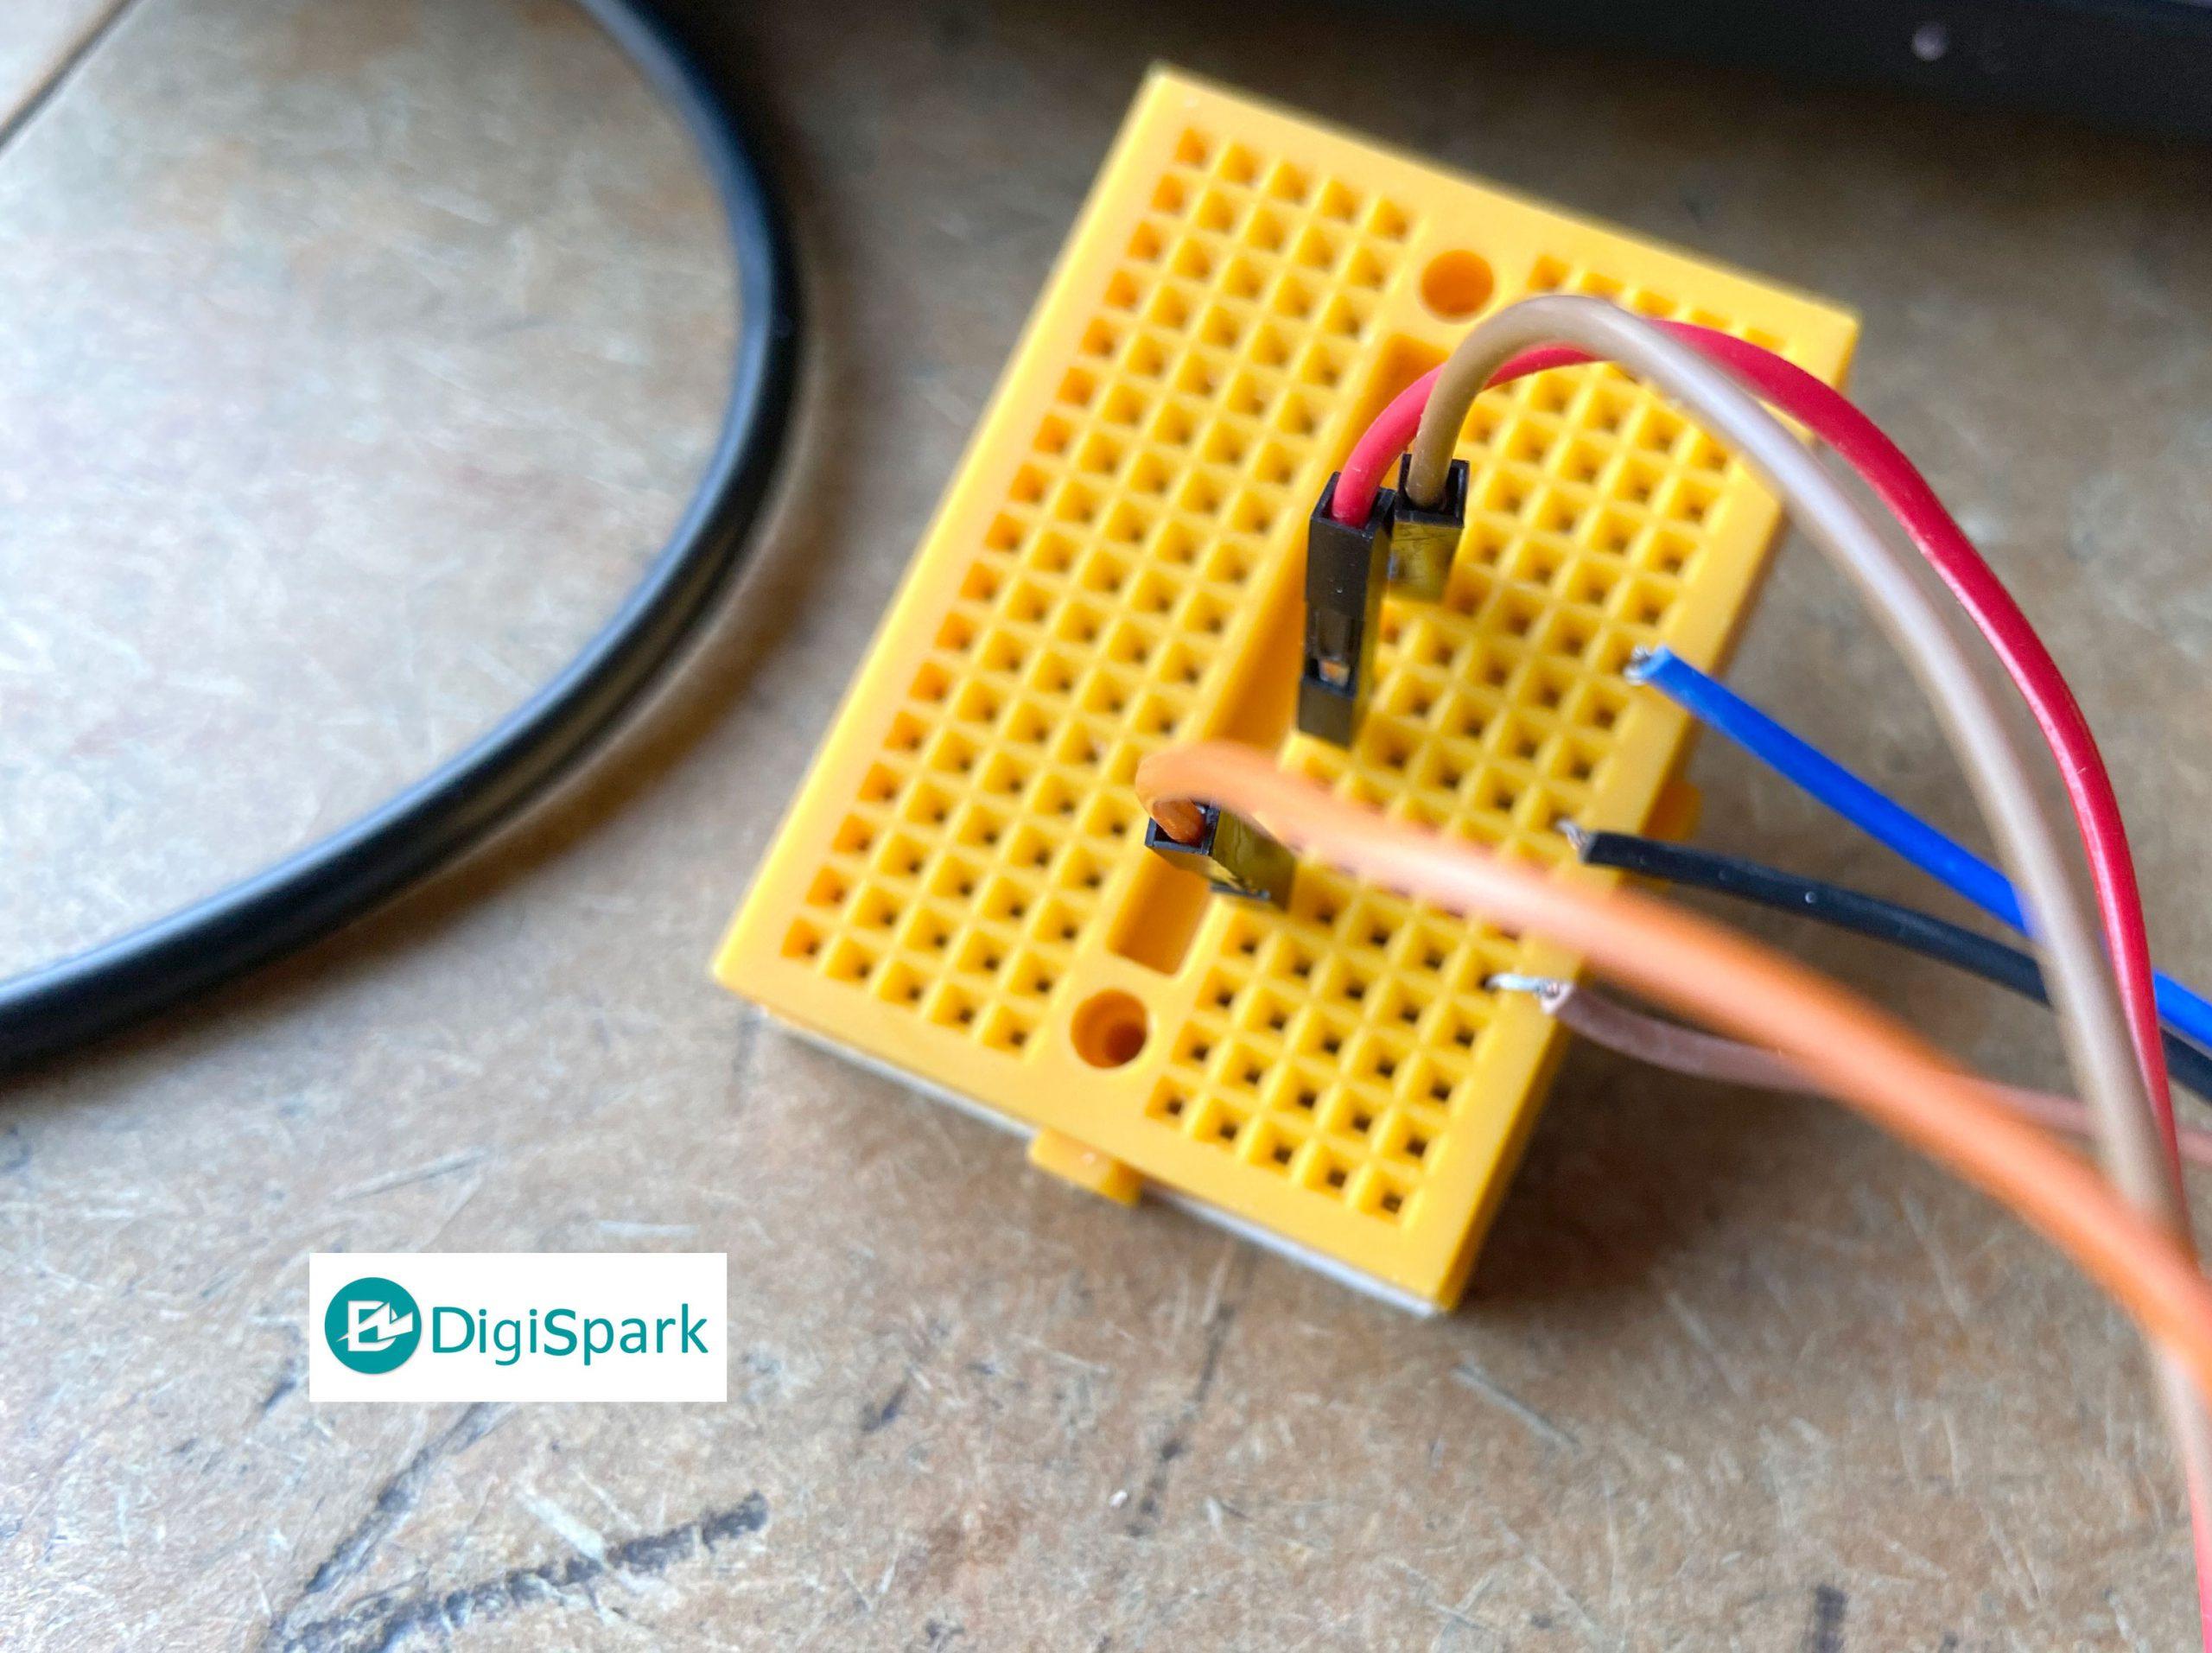 اتصالات سنسور مادون قرمز در پروژه افراد شمار IoT - دیجی اسپارک